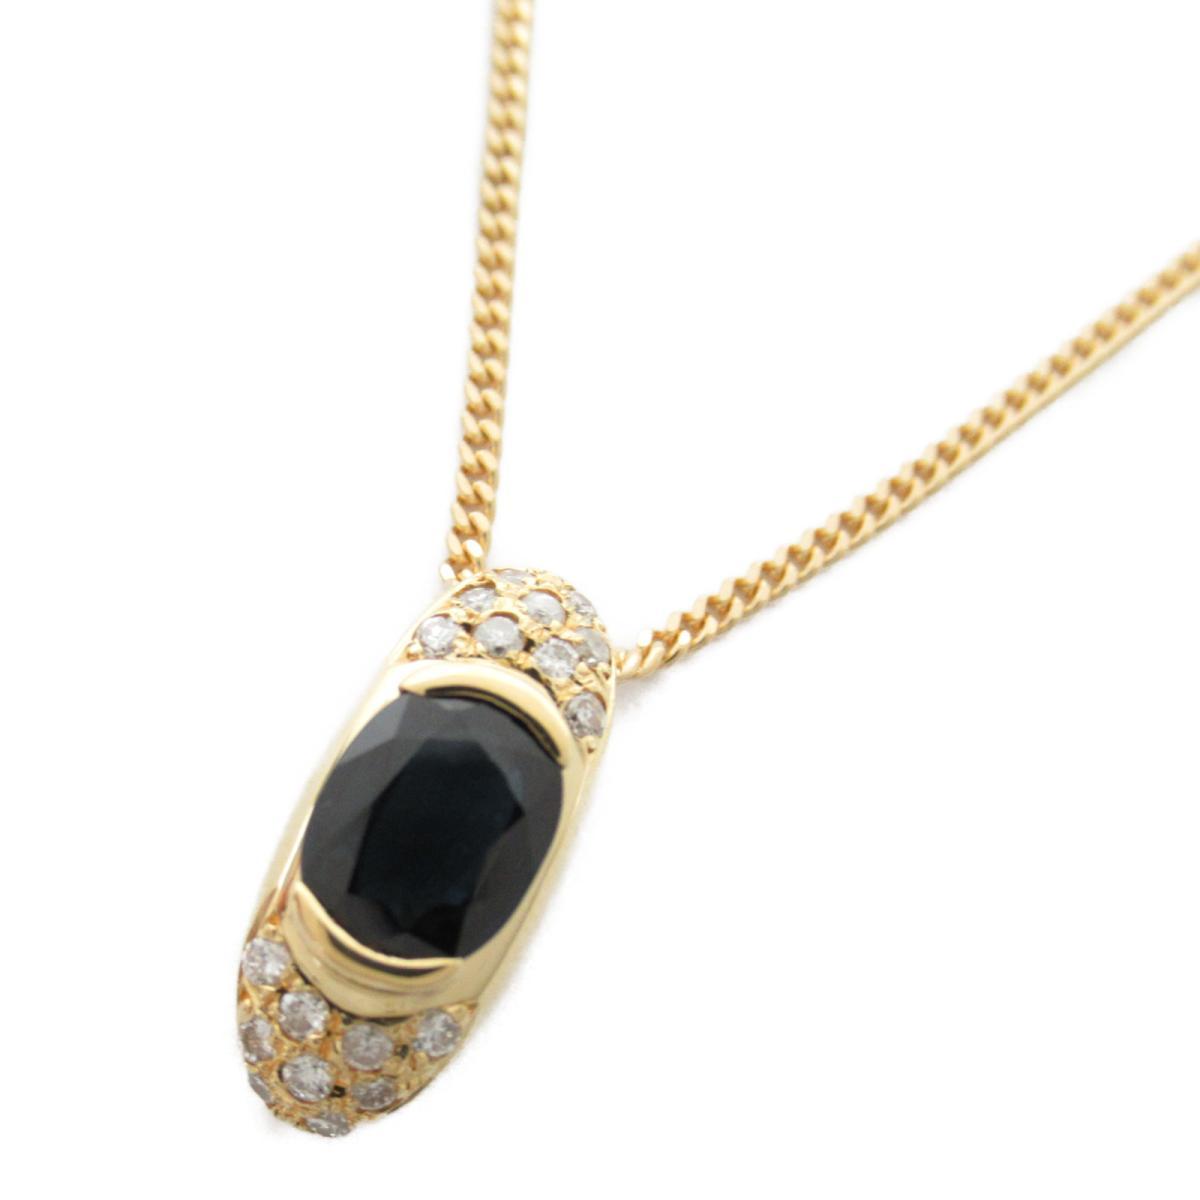 ジュエリー サファイア ダイヤモンド ネックレス ノーブランドジュエリー レディース K18YG (750) イエローゴールド x サファイア1.64/ダイヤモンド0.24ct 【中古】 | ブランド